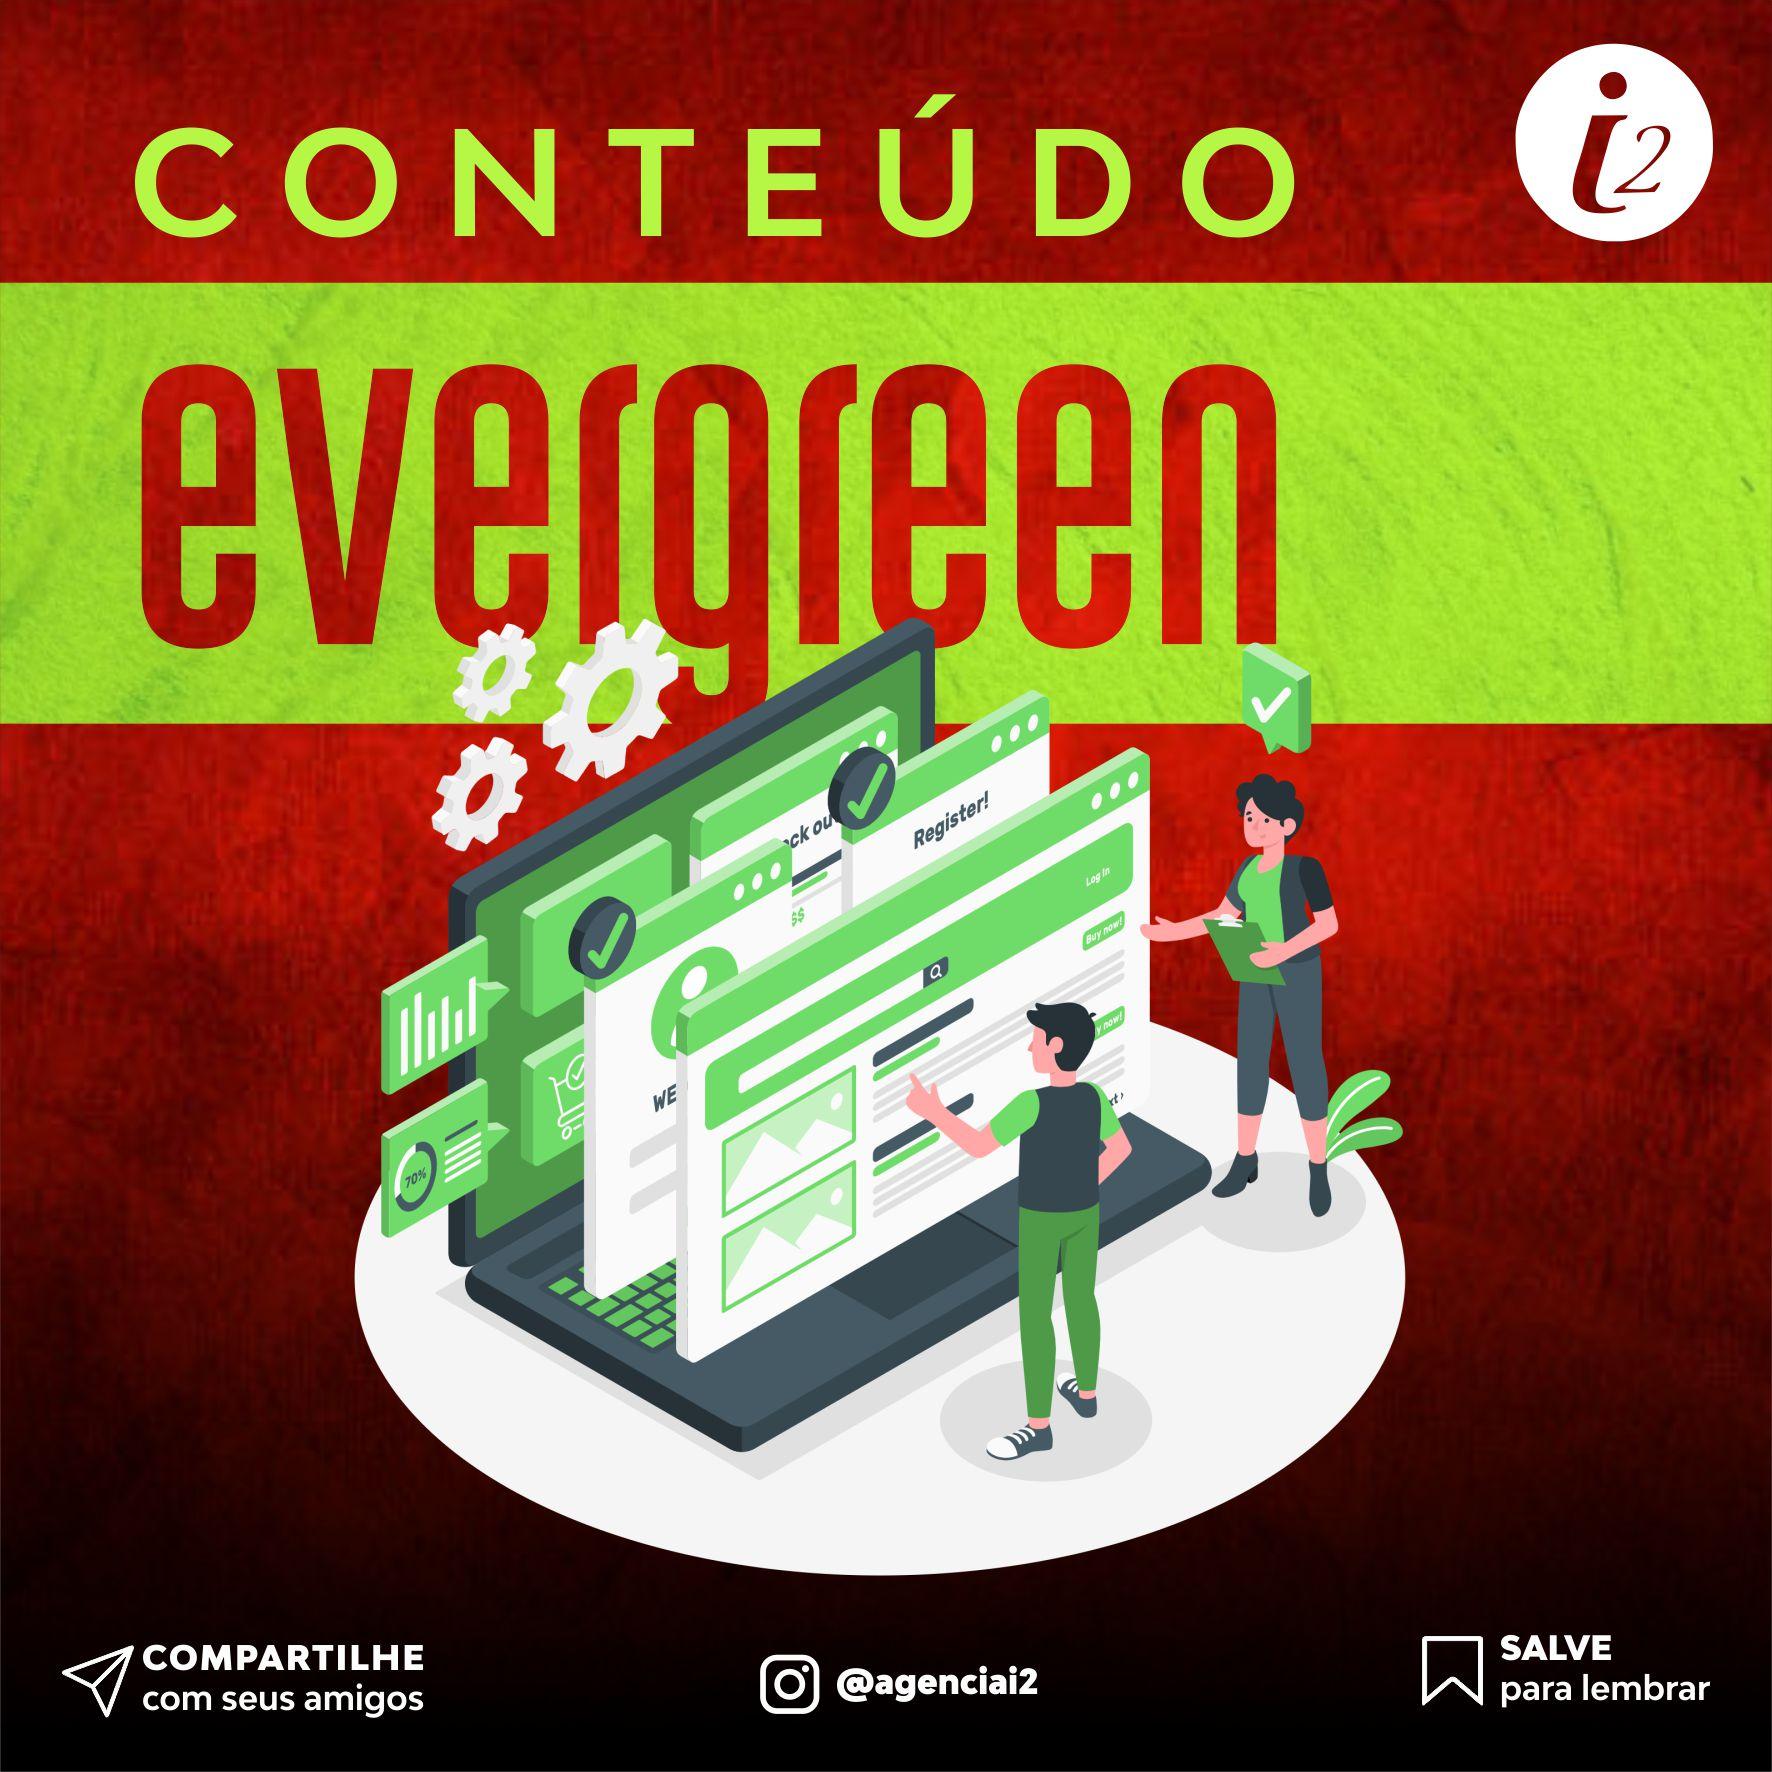 Conteúdo evergreen